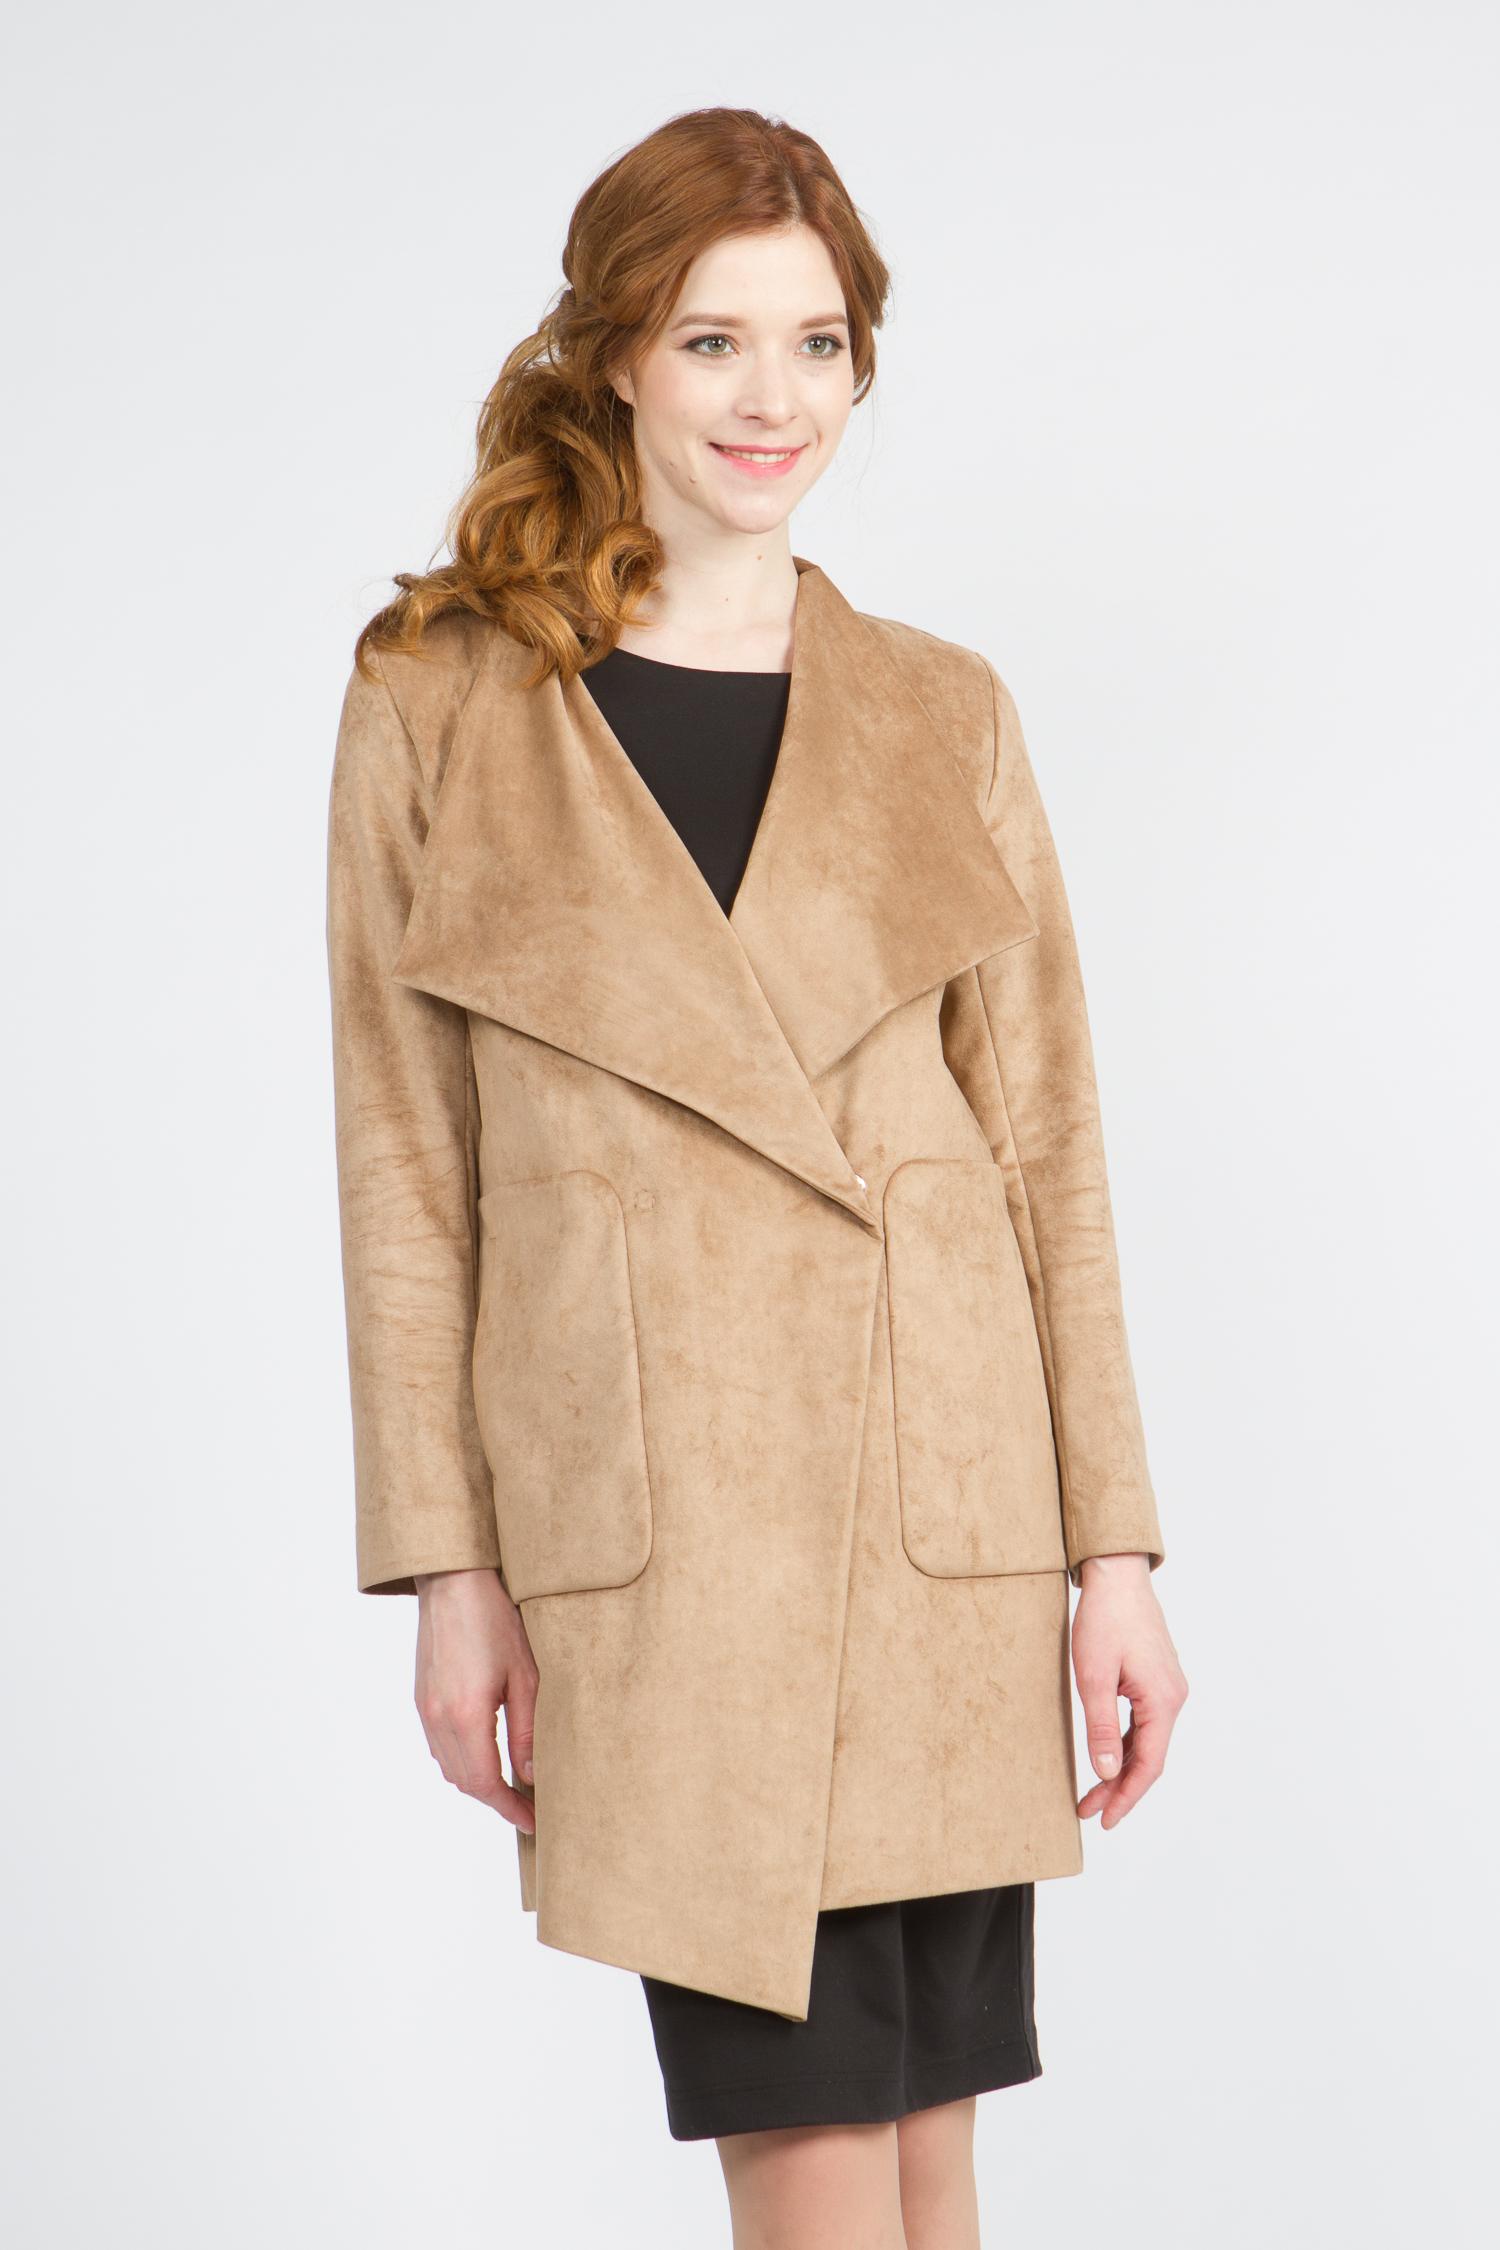 Облегченное женское пальто из текстиля с воротником, без отделкиНеординарный взгляд на классику  элегантное и в то же время оригинальное облегченное пальто изысканного бежевого цвета. Эта модель отличается модным и функциональным дизайном: полуприлегающий удлиненный силуэт преподносит самым выигрышным образам фигуру любого типа, зрительно вытягивая ее, удобная застежка на кнопки, вместительные боковые карманы обеспечивают дополнительный комфорт и придают оригинальность, а роскошный отложной воротник гармонично дополняет безукоризненный стильный образ!<br><br>Воротник: отложной<br>Длина см: Длинная (свыше 90)<br>Материал: Текстиль<br>Цвет: бежевый<br>Вид застежки: двубортная<br>Застежка: на кнопки<br>Пол: Женский<br>Размер RU: 54